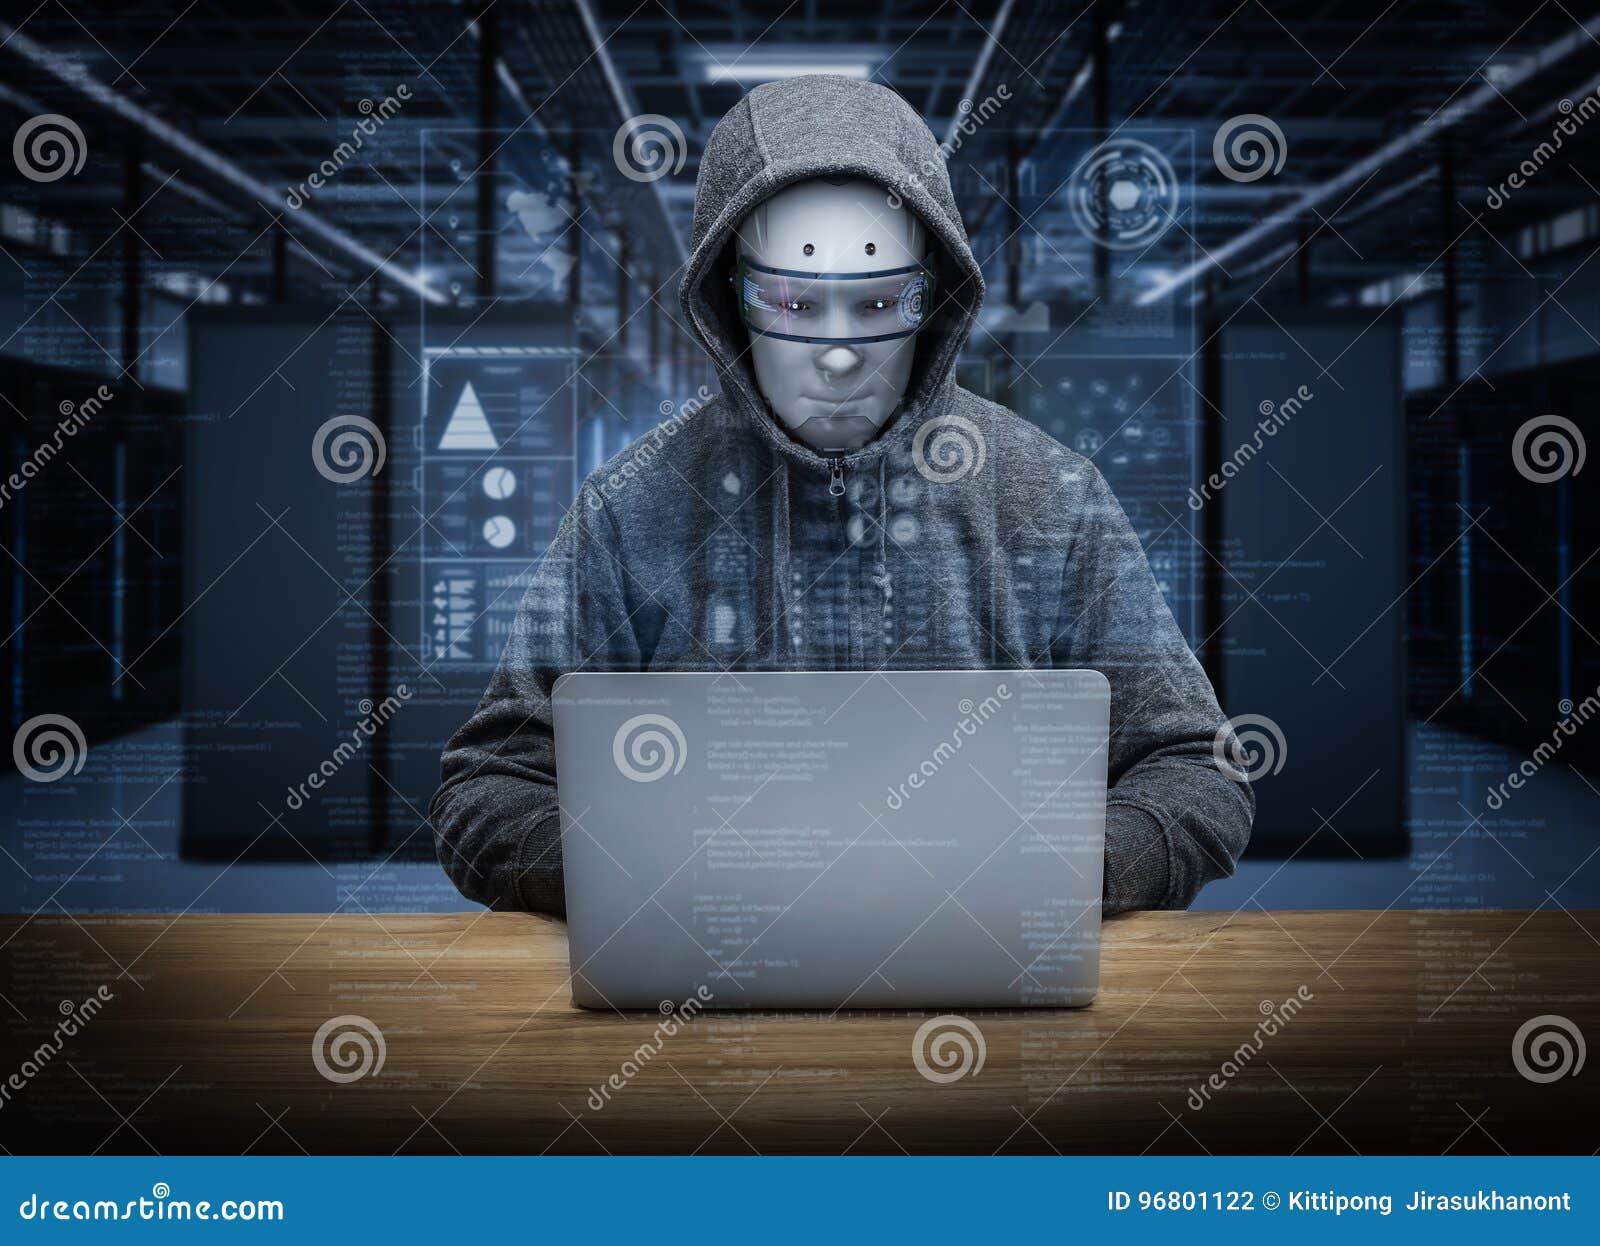 有人的特点的机器人黑客